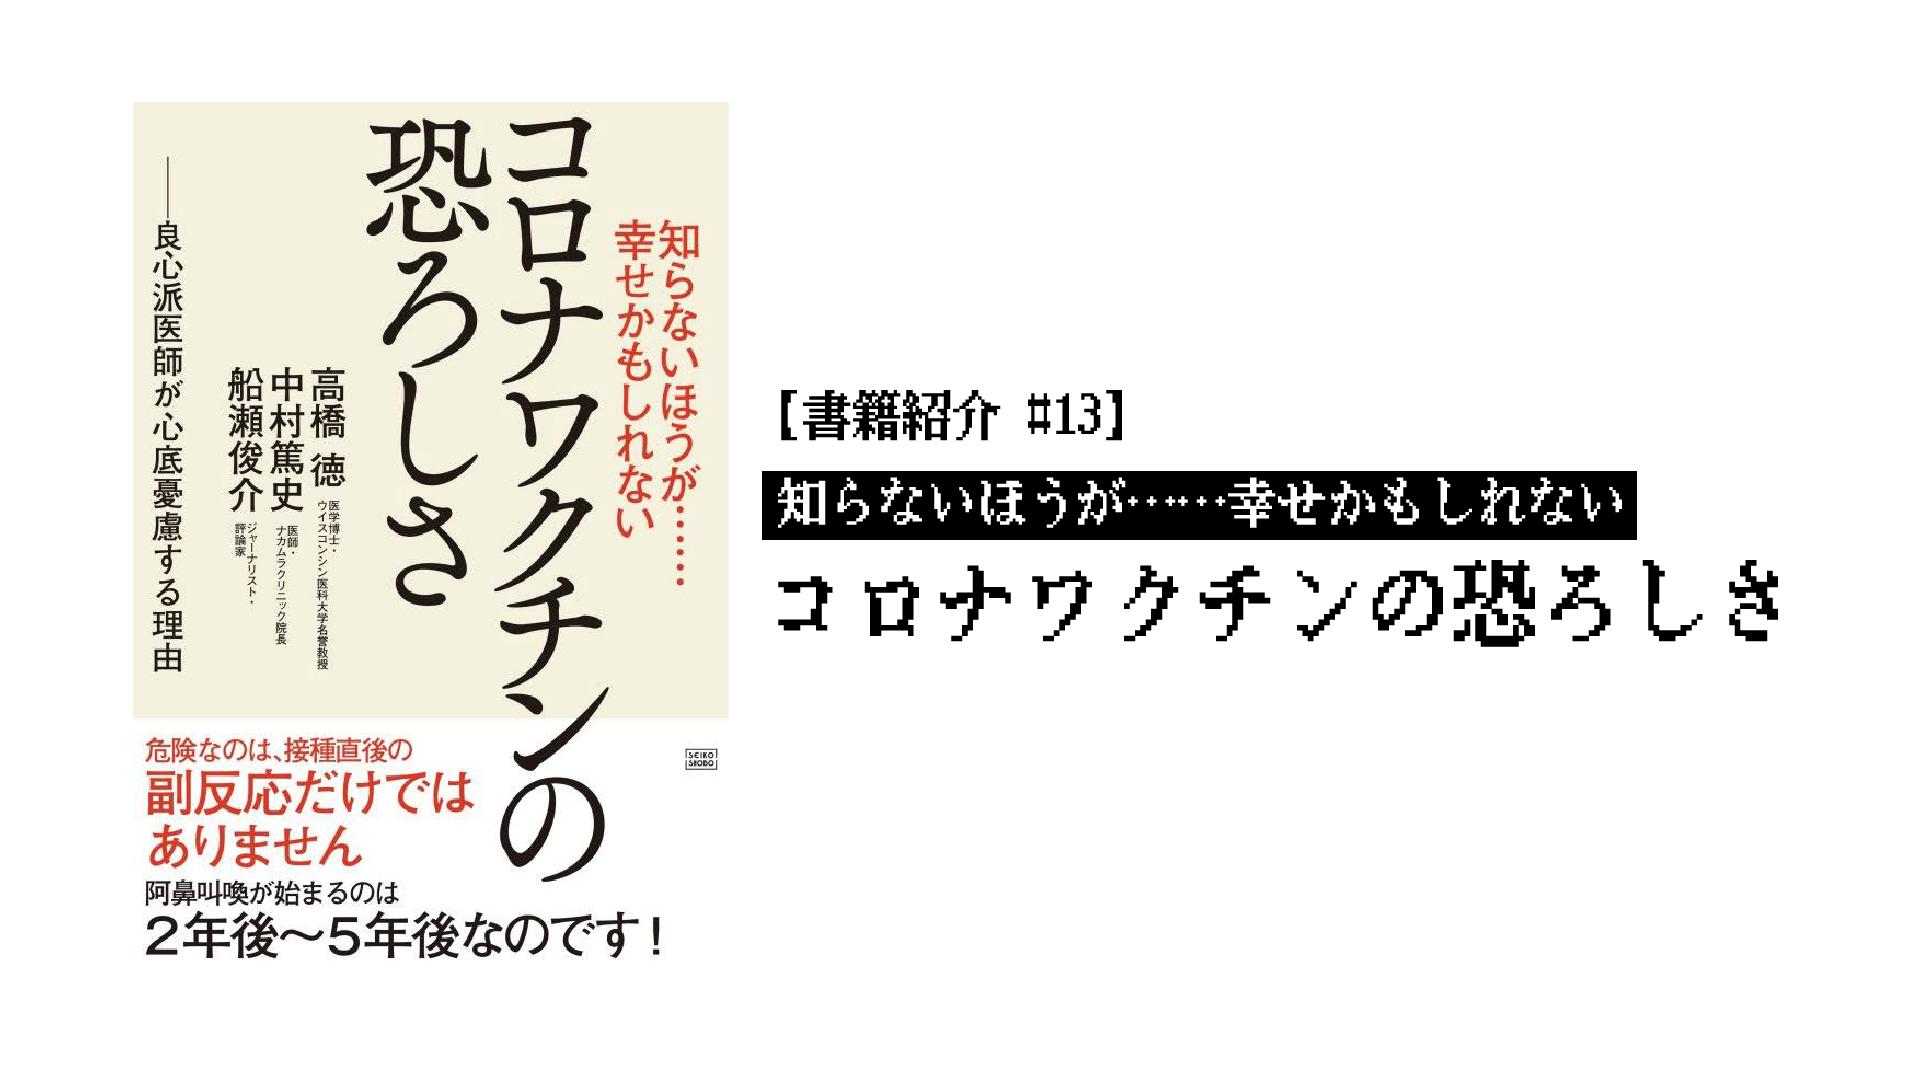 【書籍紹介 #13】高橋徳/中村篤史/船瀬俊介「知らないほうが……幸せかもしれない コロナワクチンの恐ろしさ」